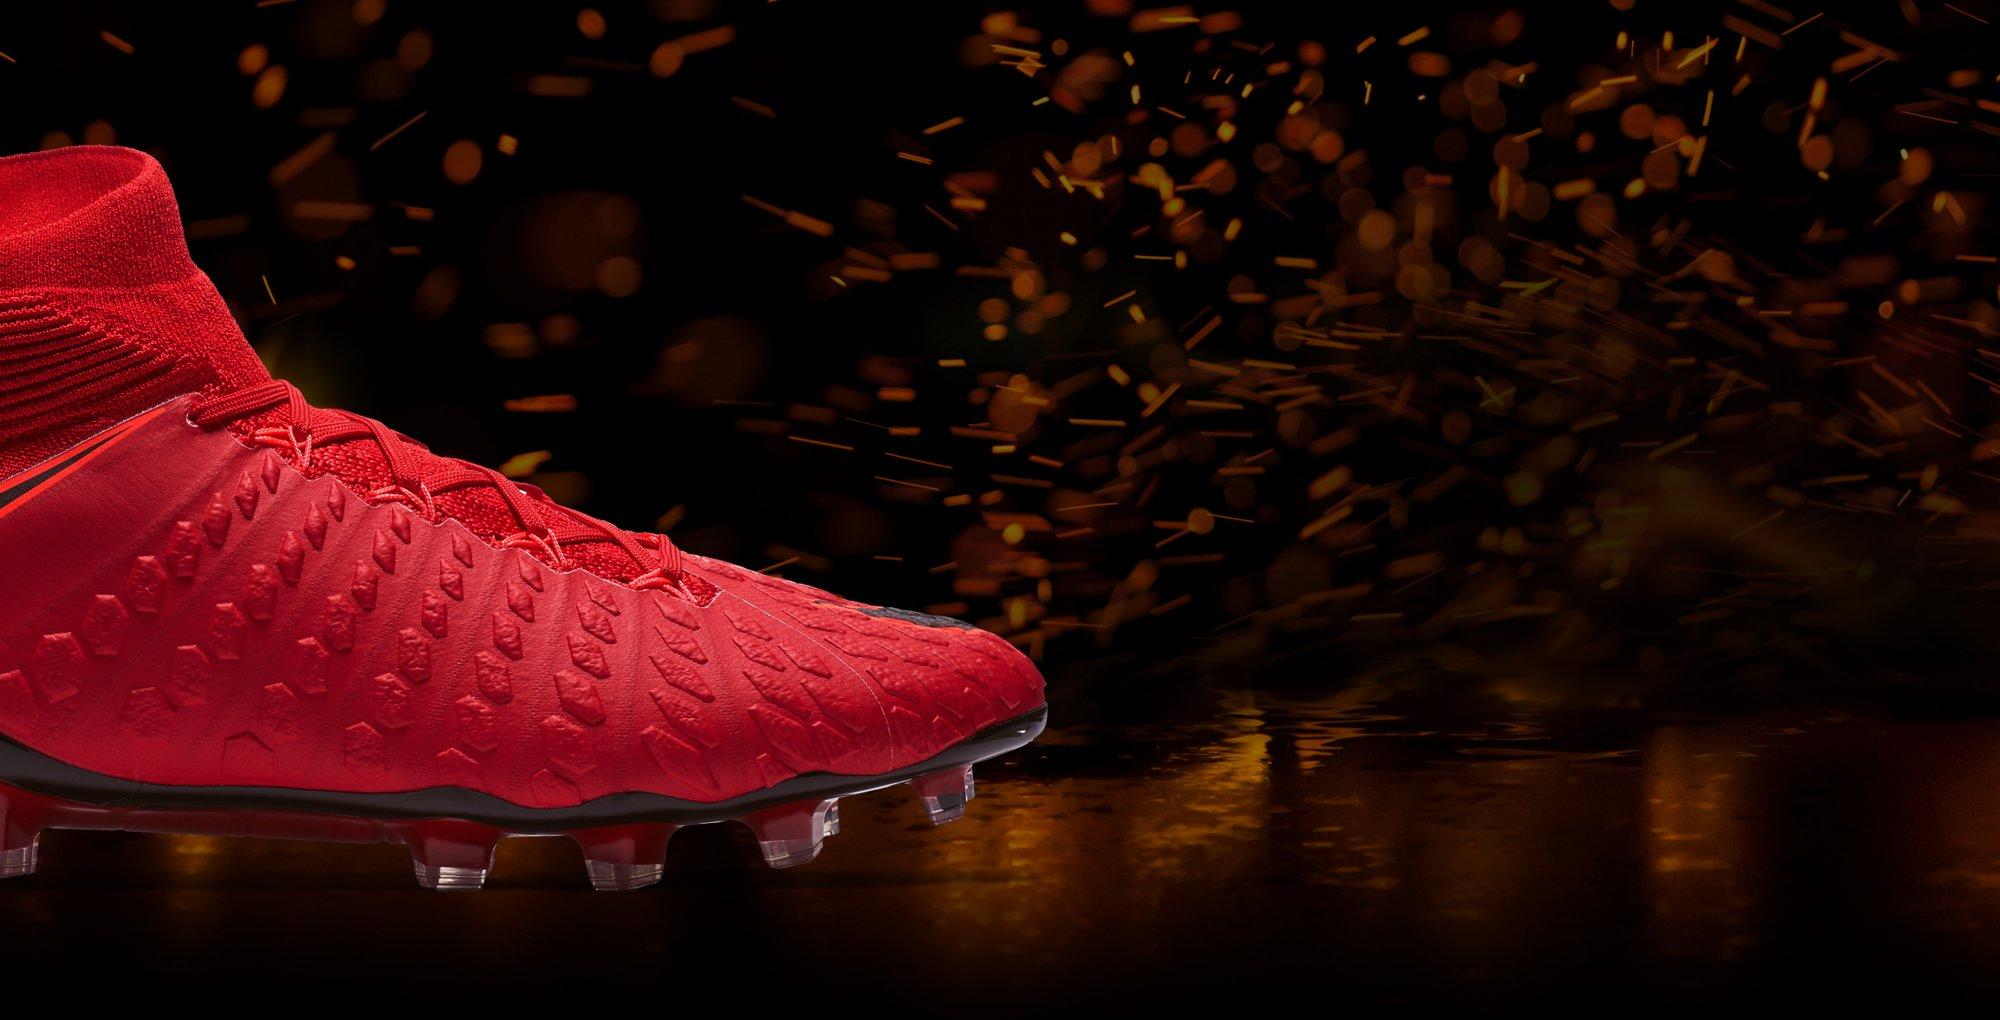 473aeba42c4 Nike-Hypervenom-Play-Fire